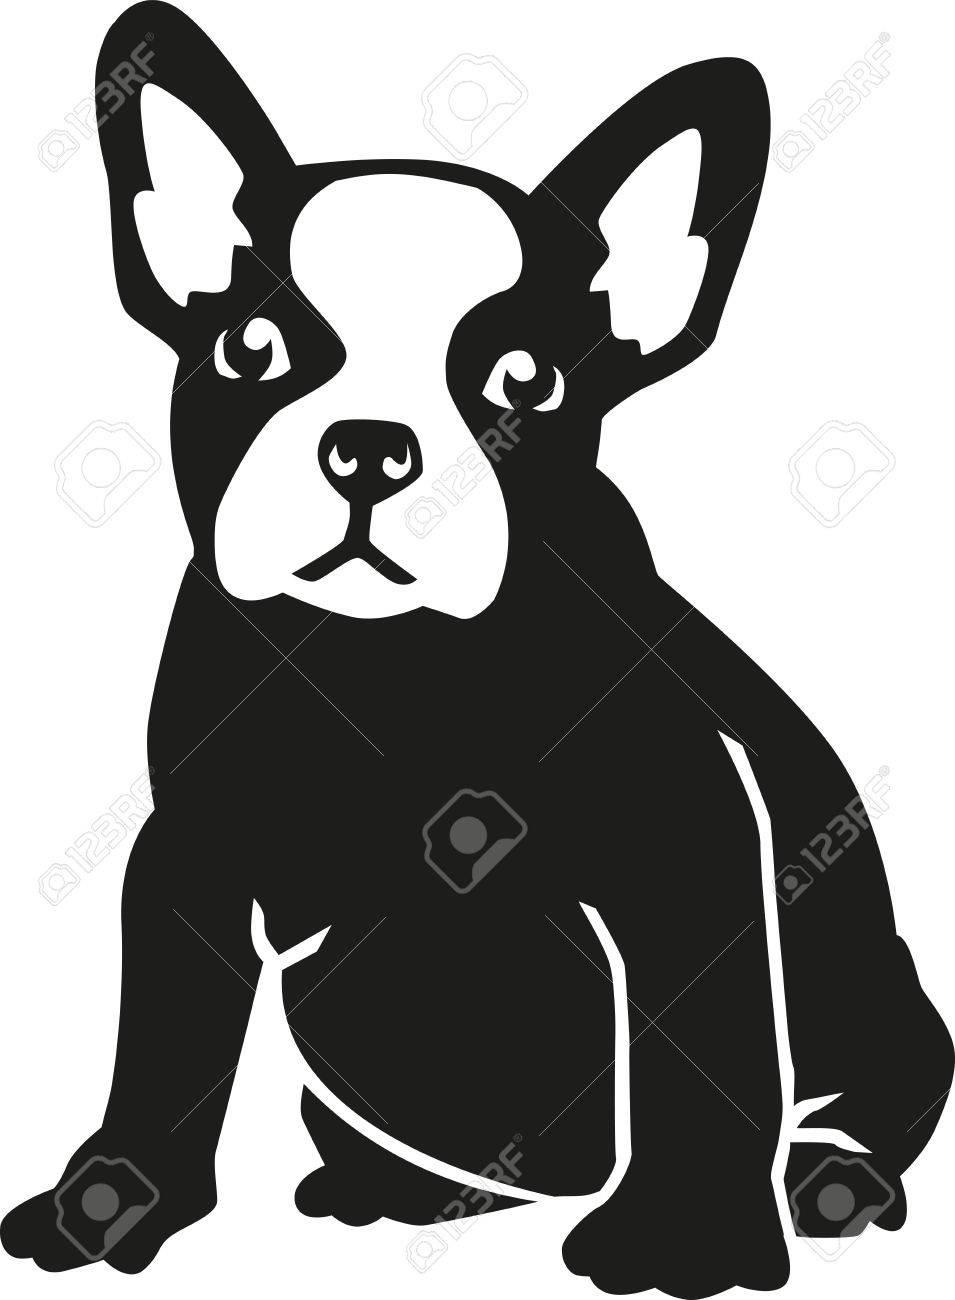 Sitting French bulldog - 51395418